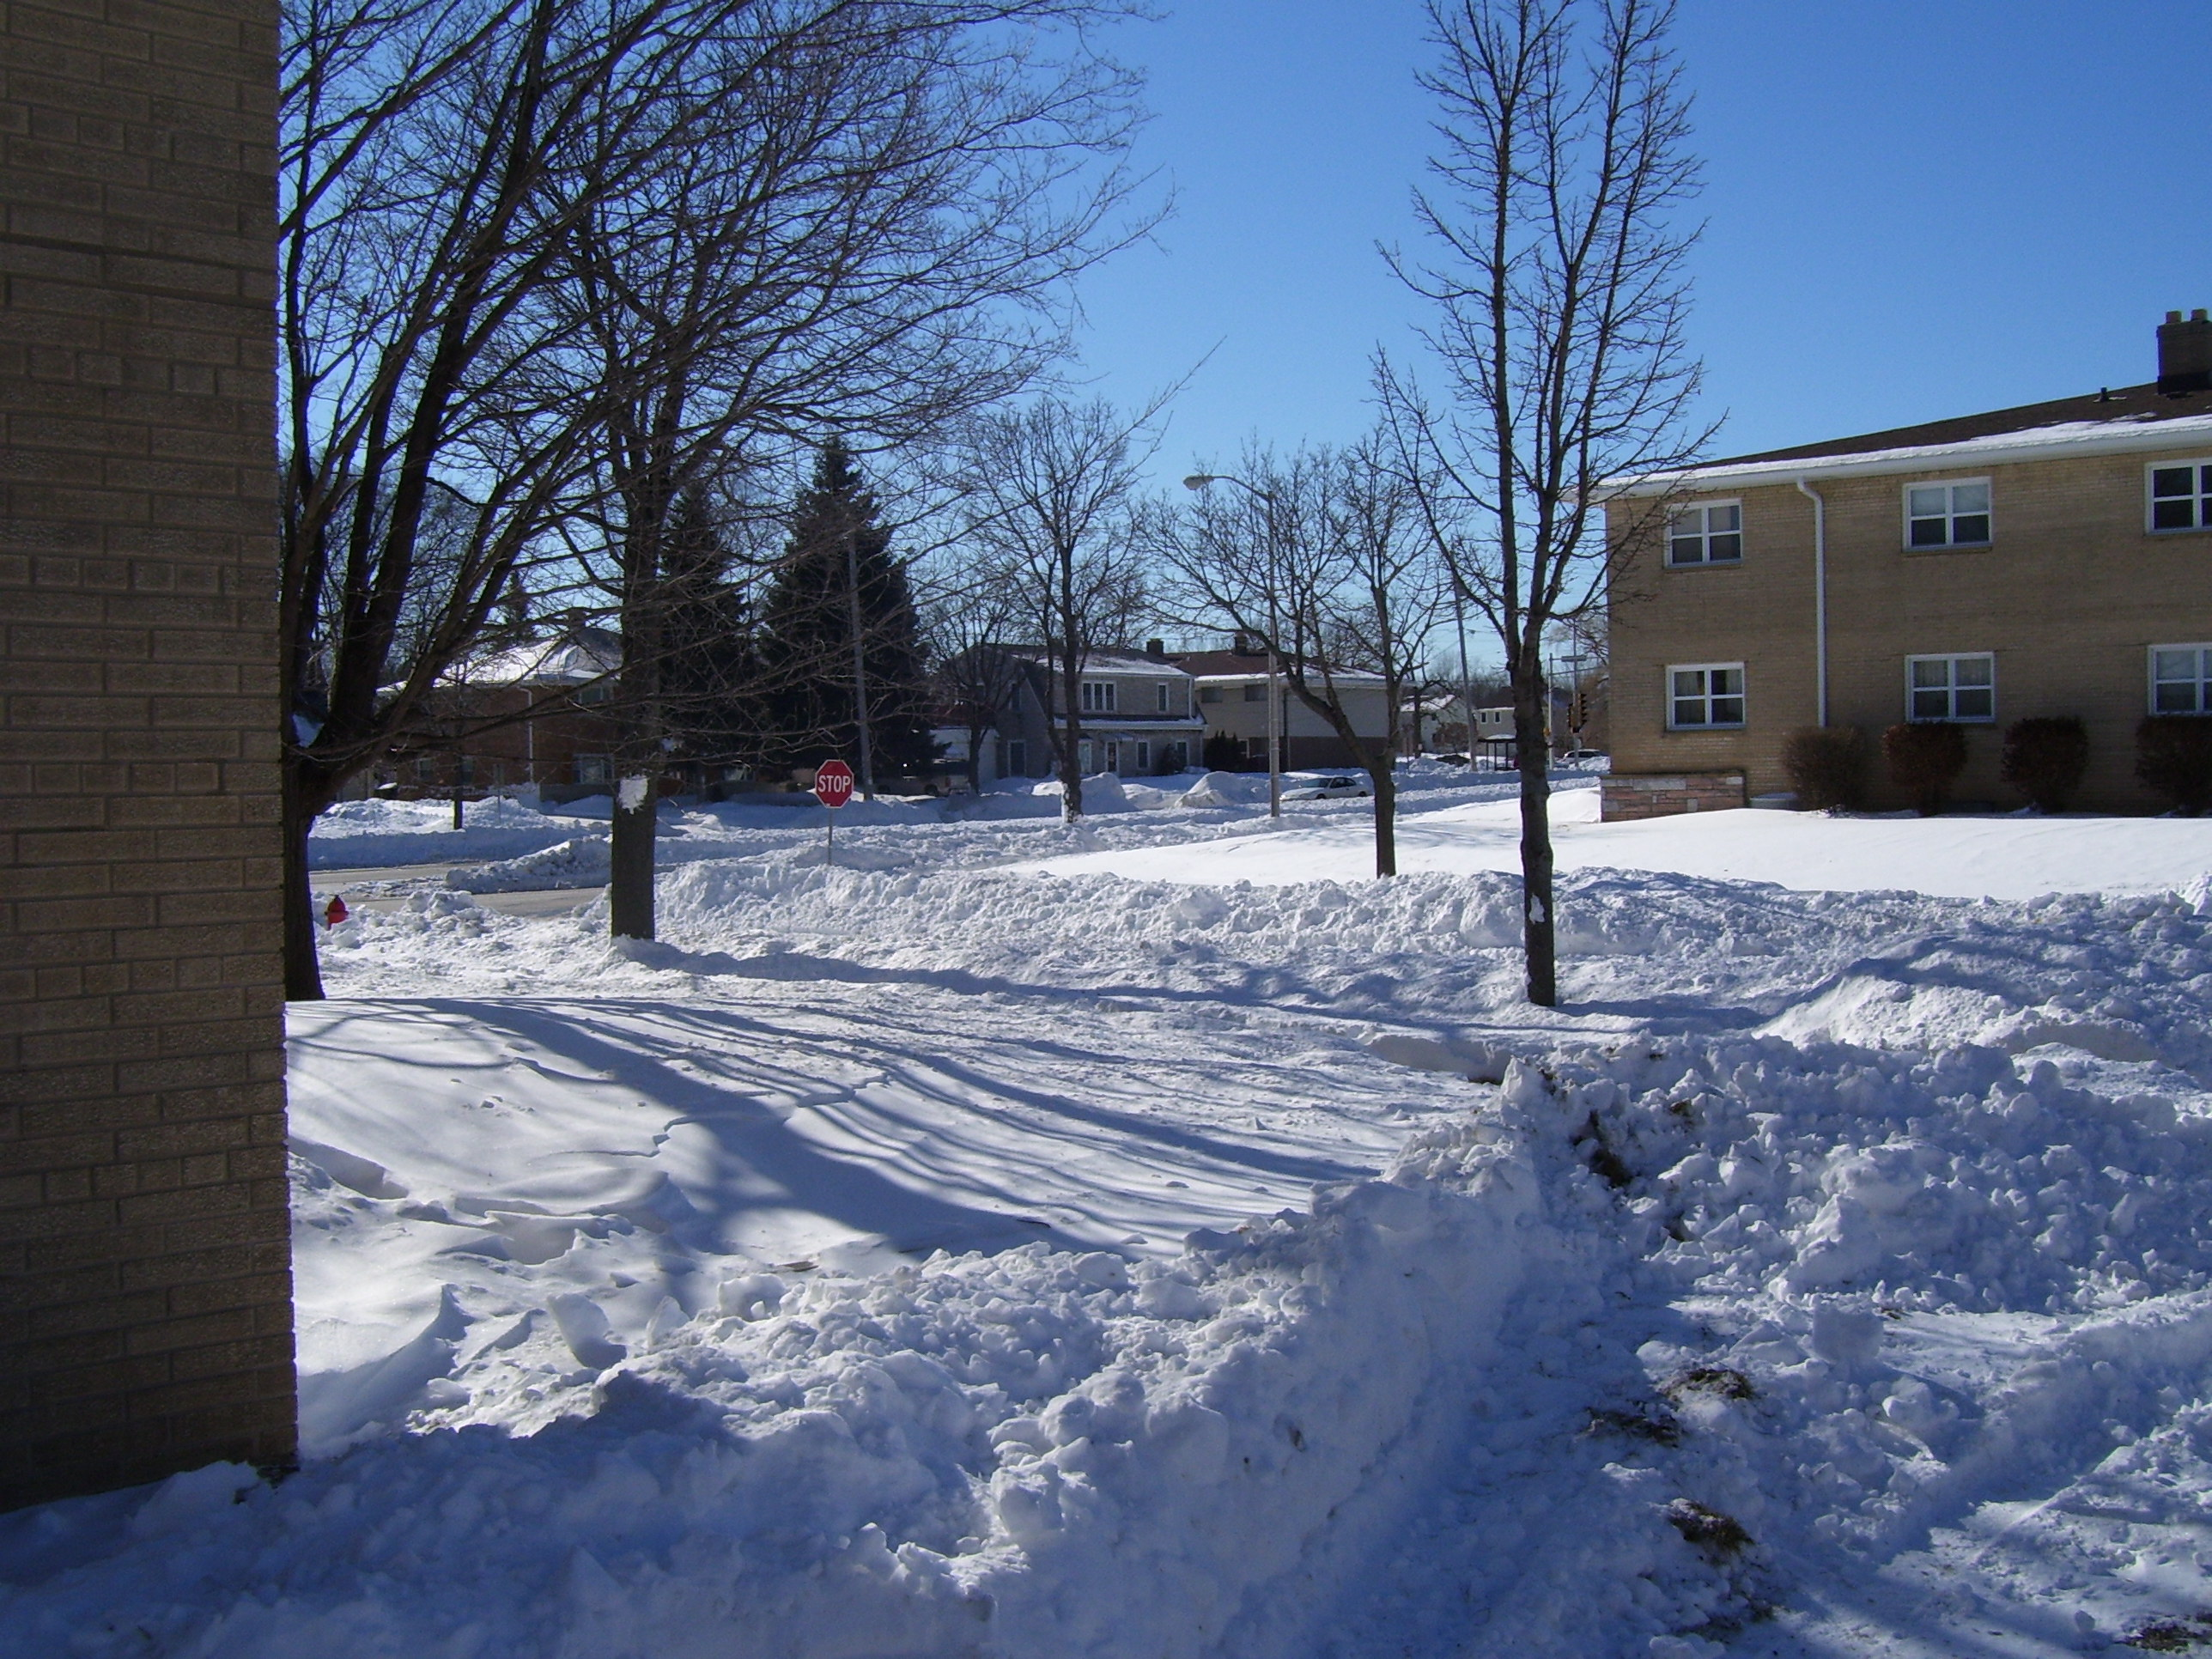 blizzard 1 (2011)